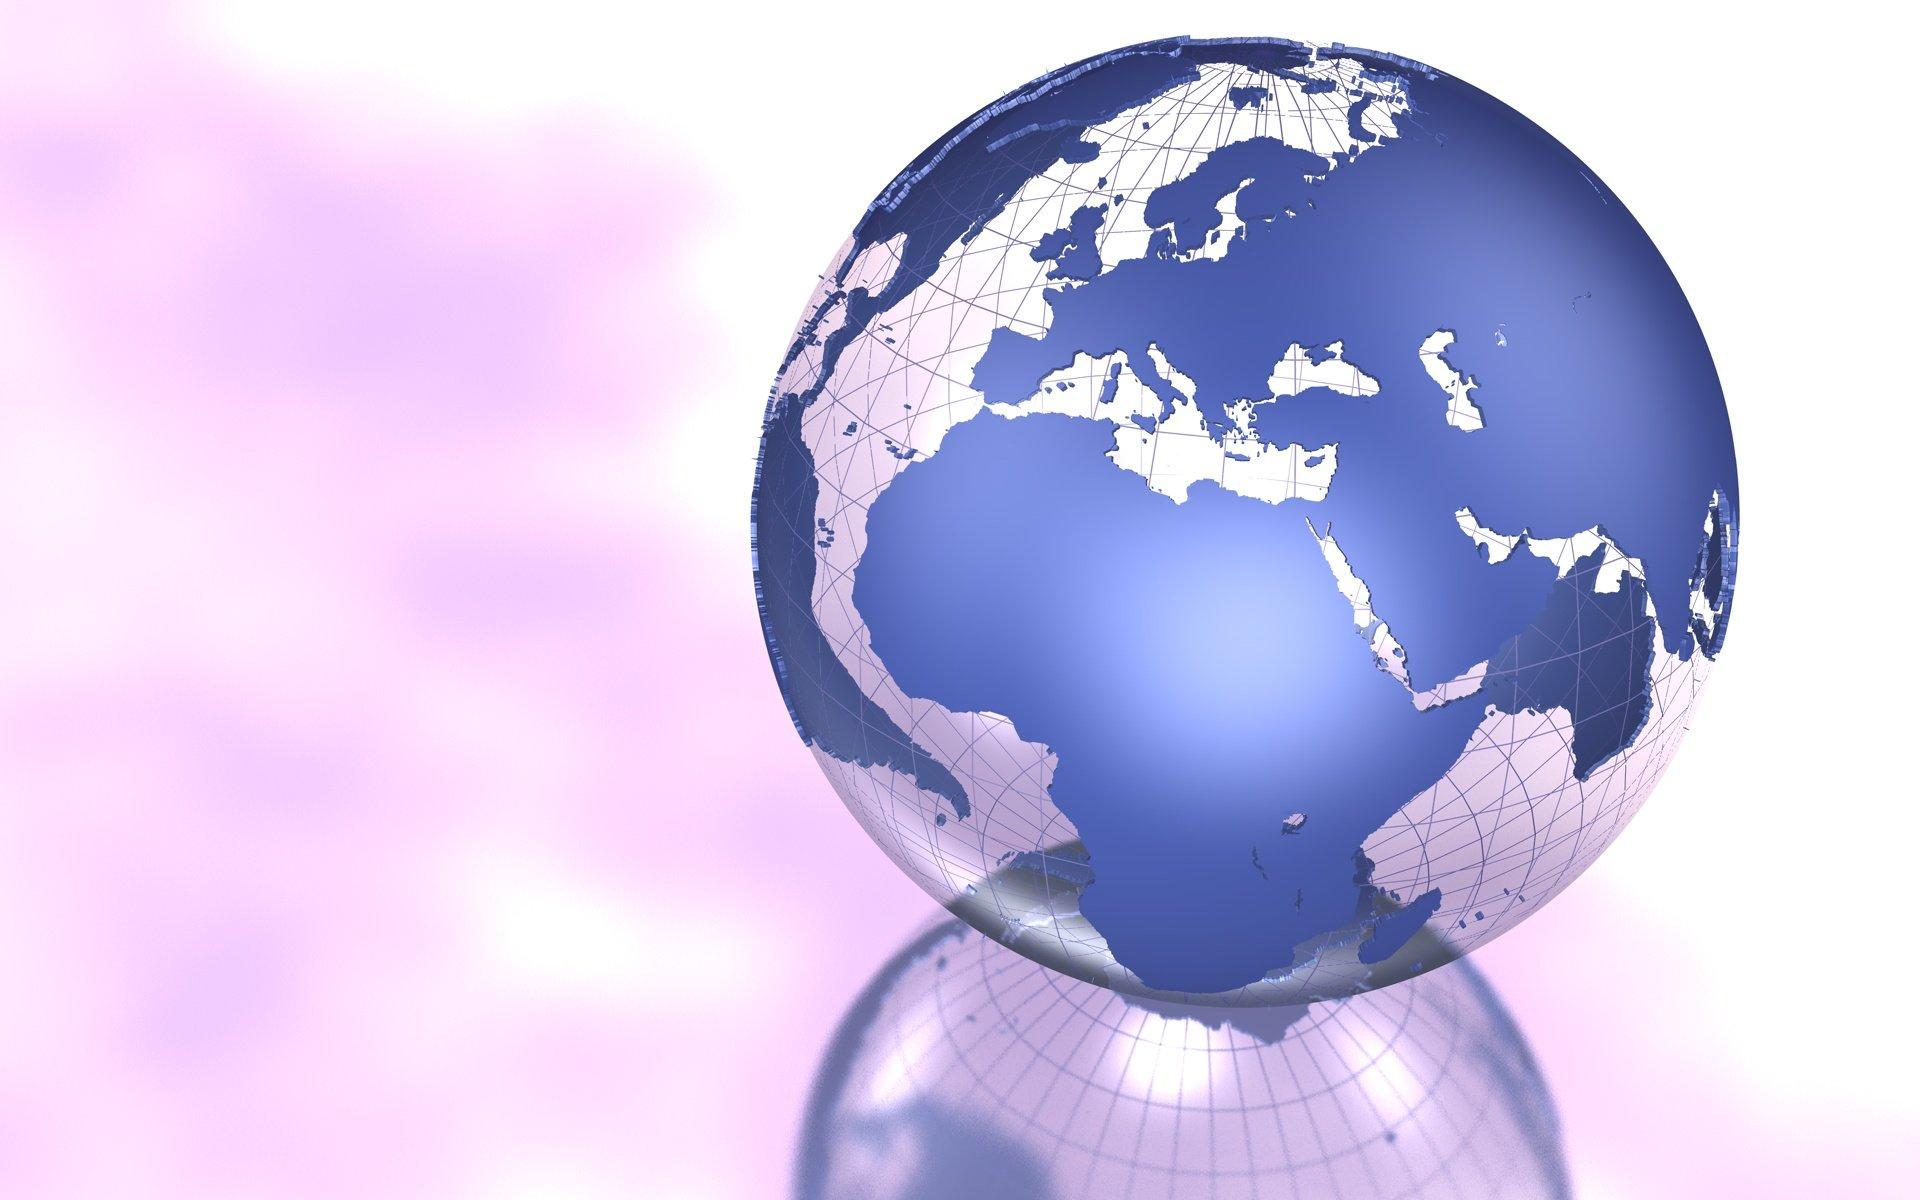 Cellphone Wallpaper Hd Globe Wallpapers Hd Free Download Pixelstalk Net